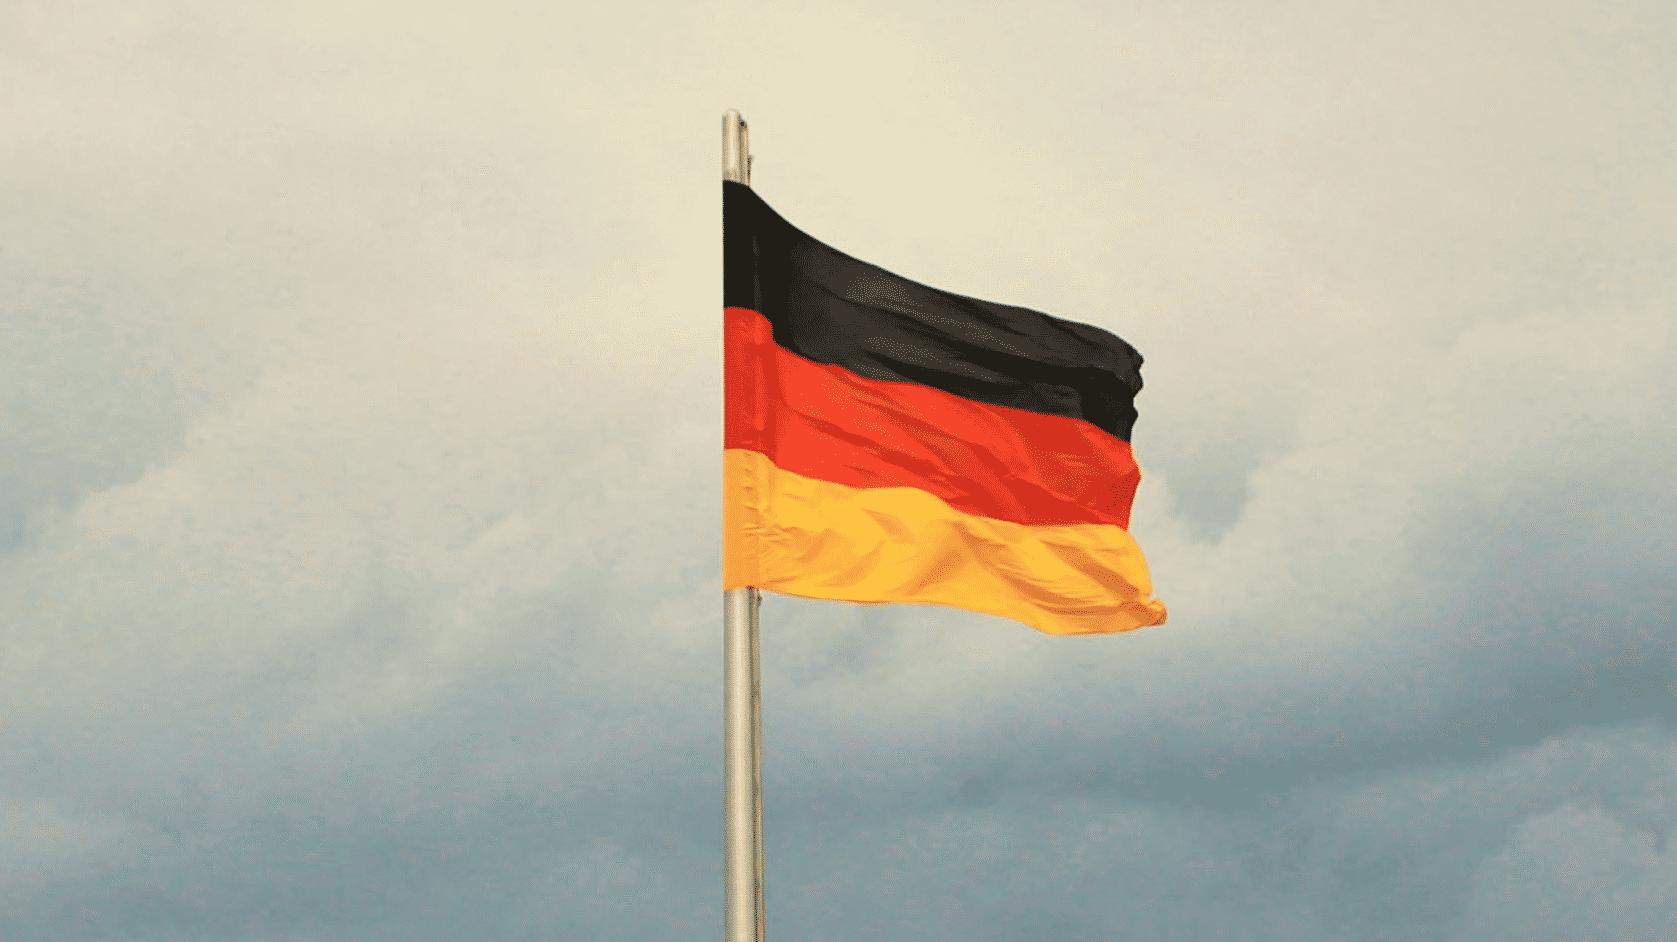 Dropbox speichert Unternehmensdaten in Deutschland